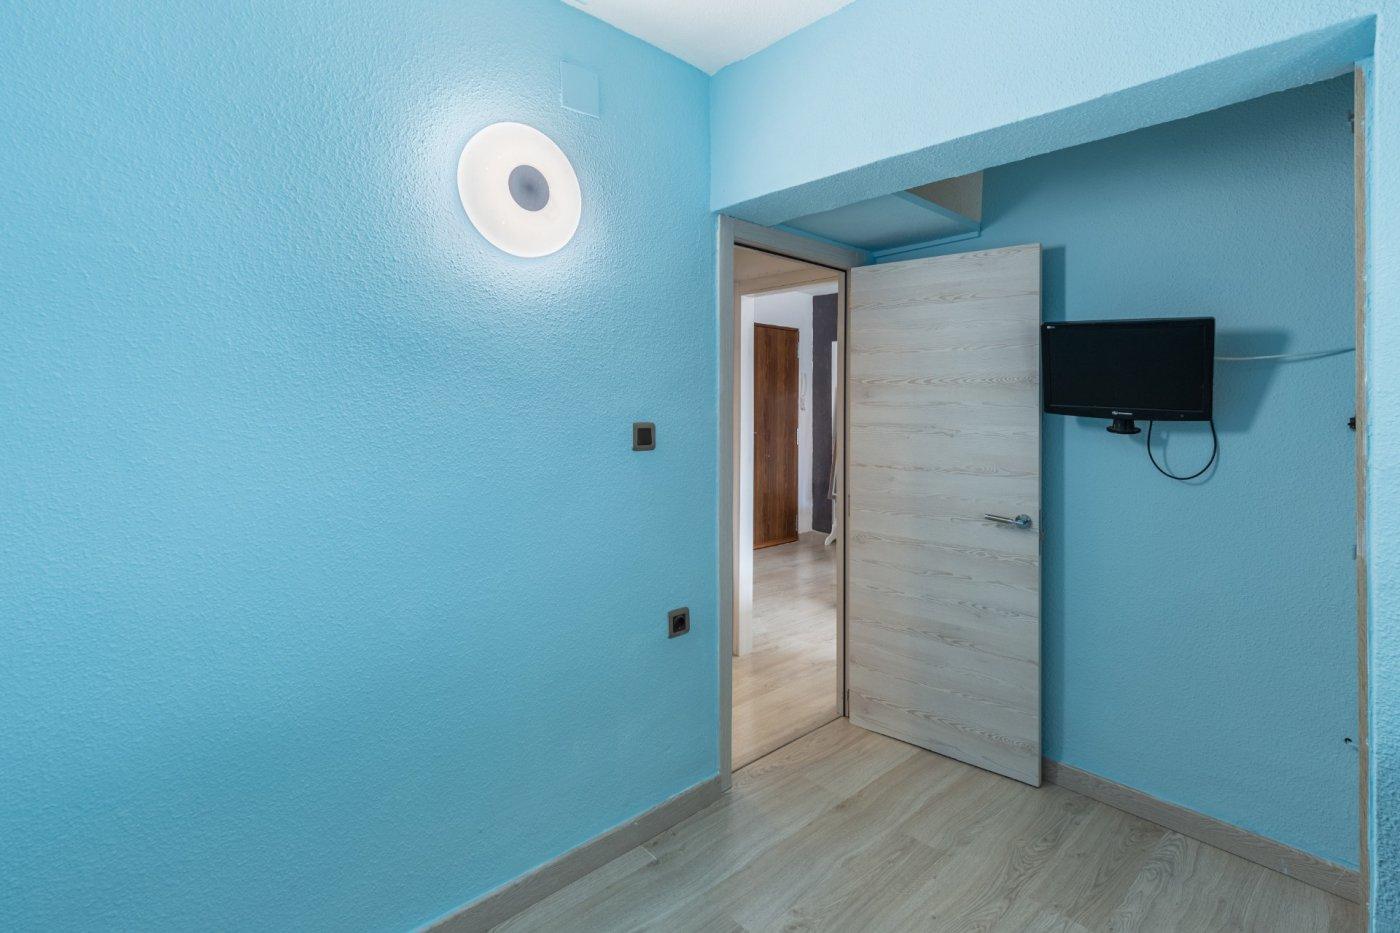 Ático · Benidorm · Centro 117.990€€